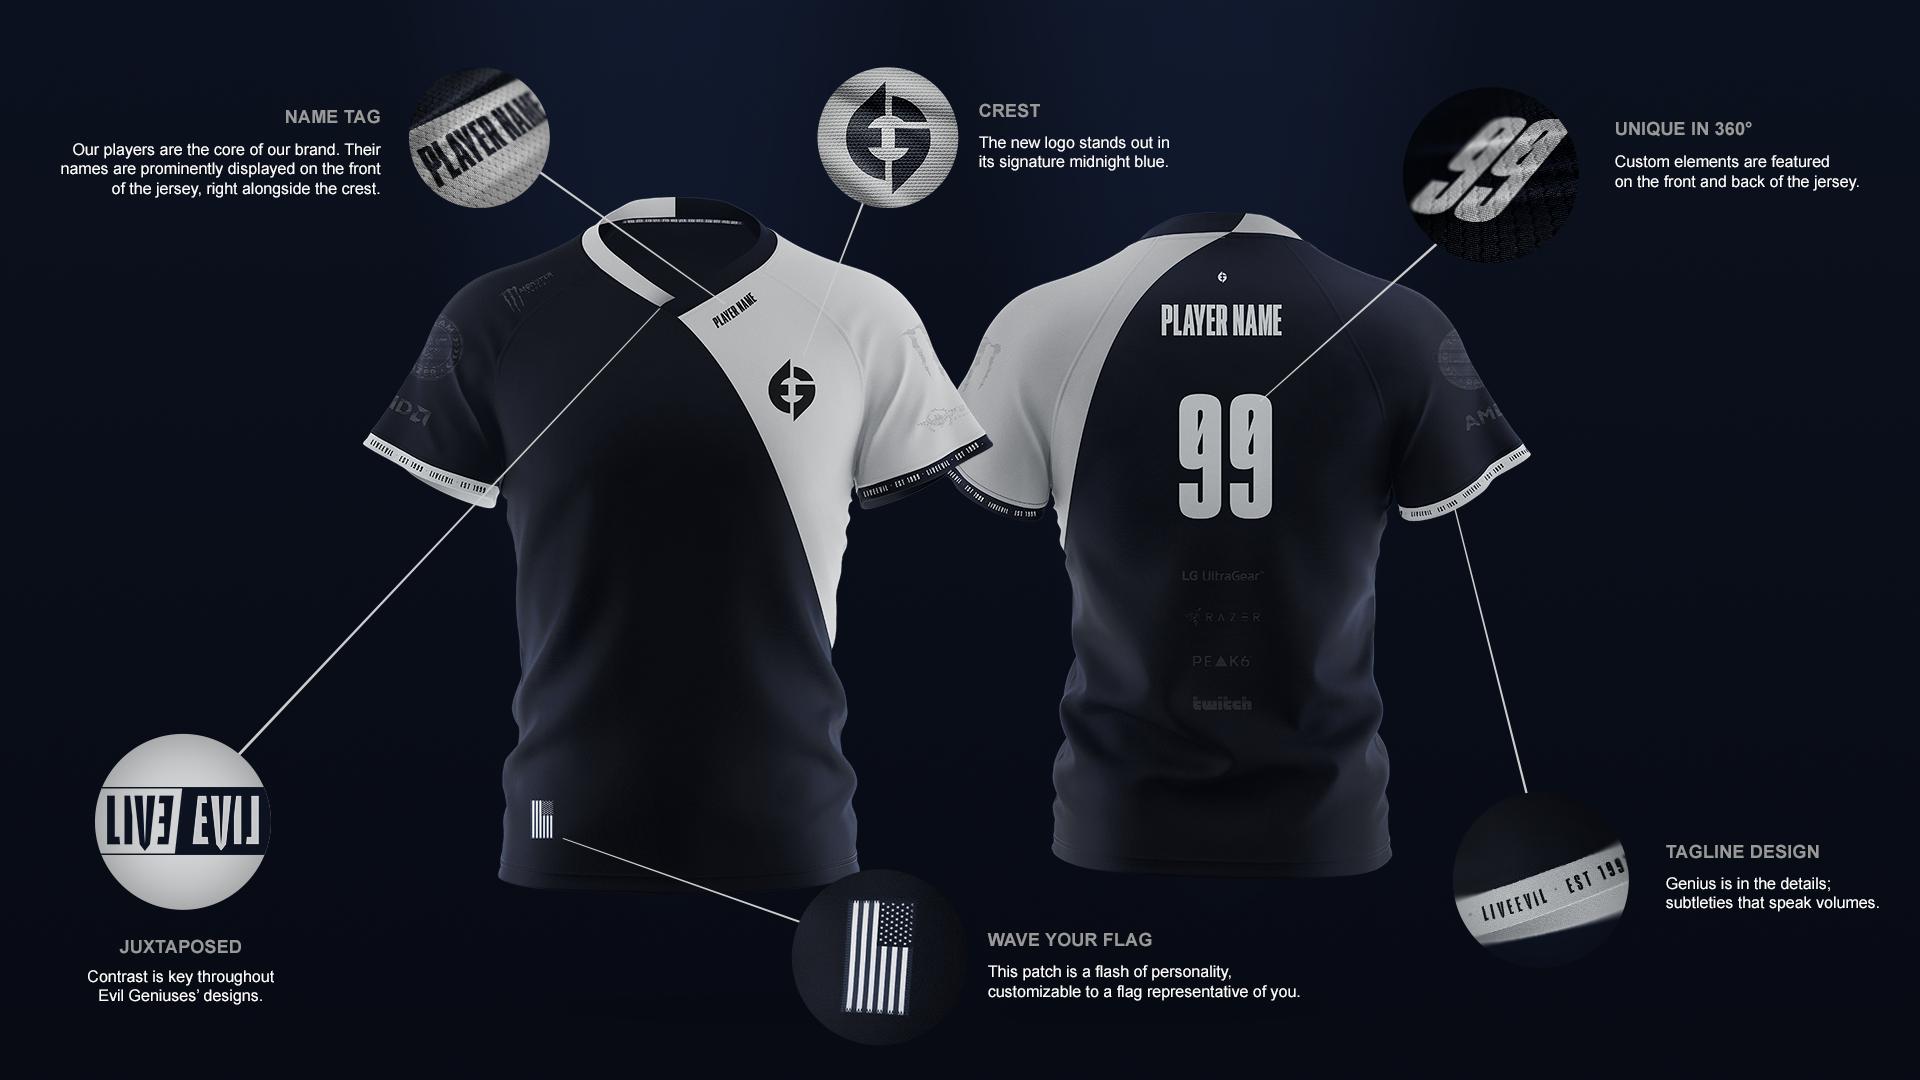 Evil Geniuses new jersey